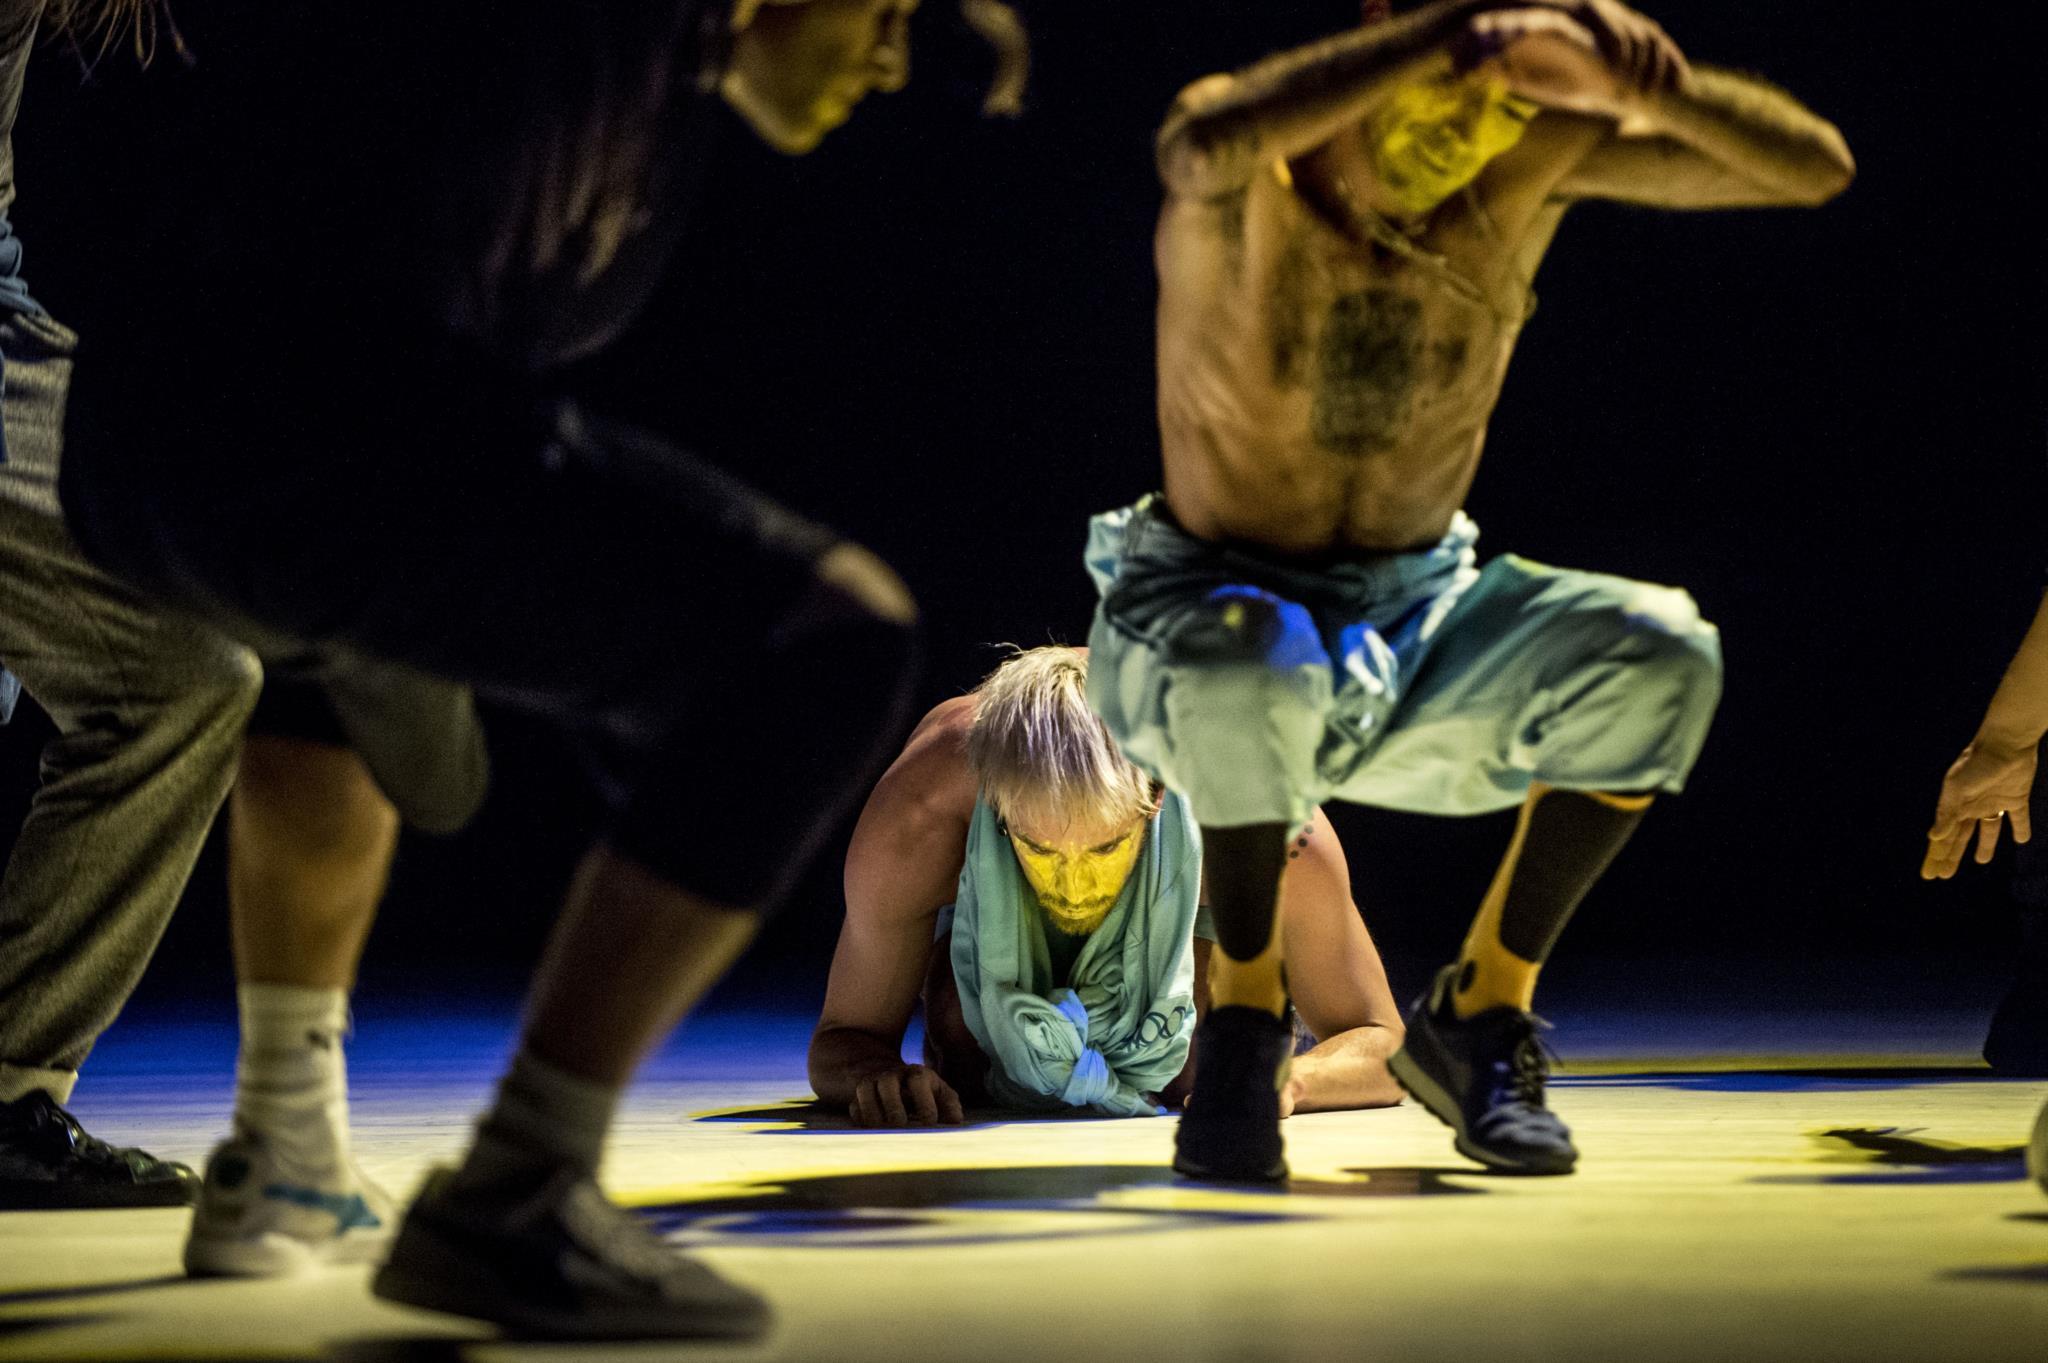 PÚBLICO - Dança escaldante em noite gelada